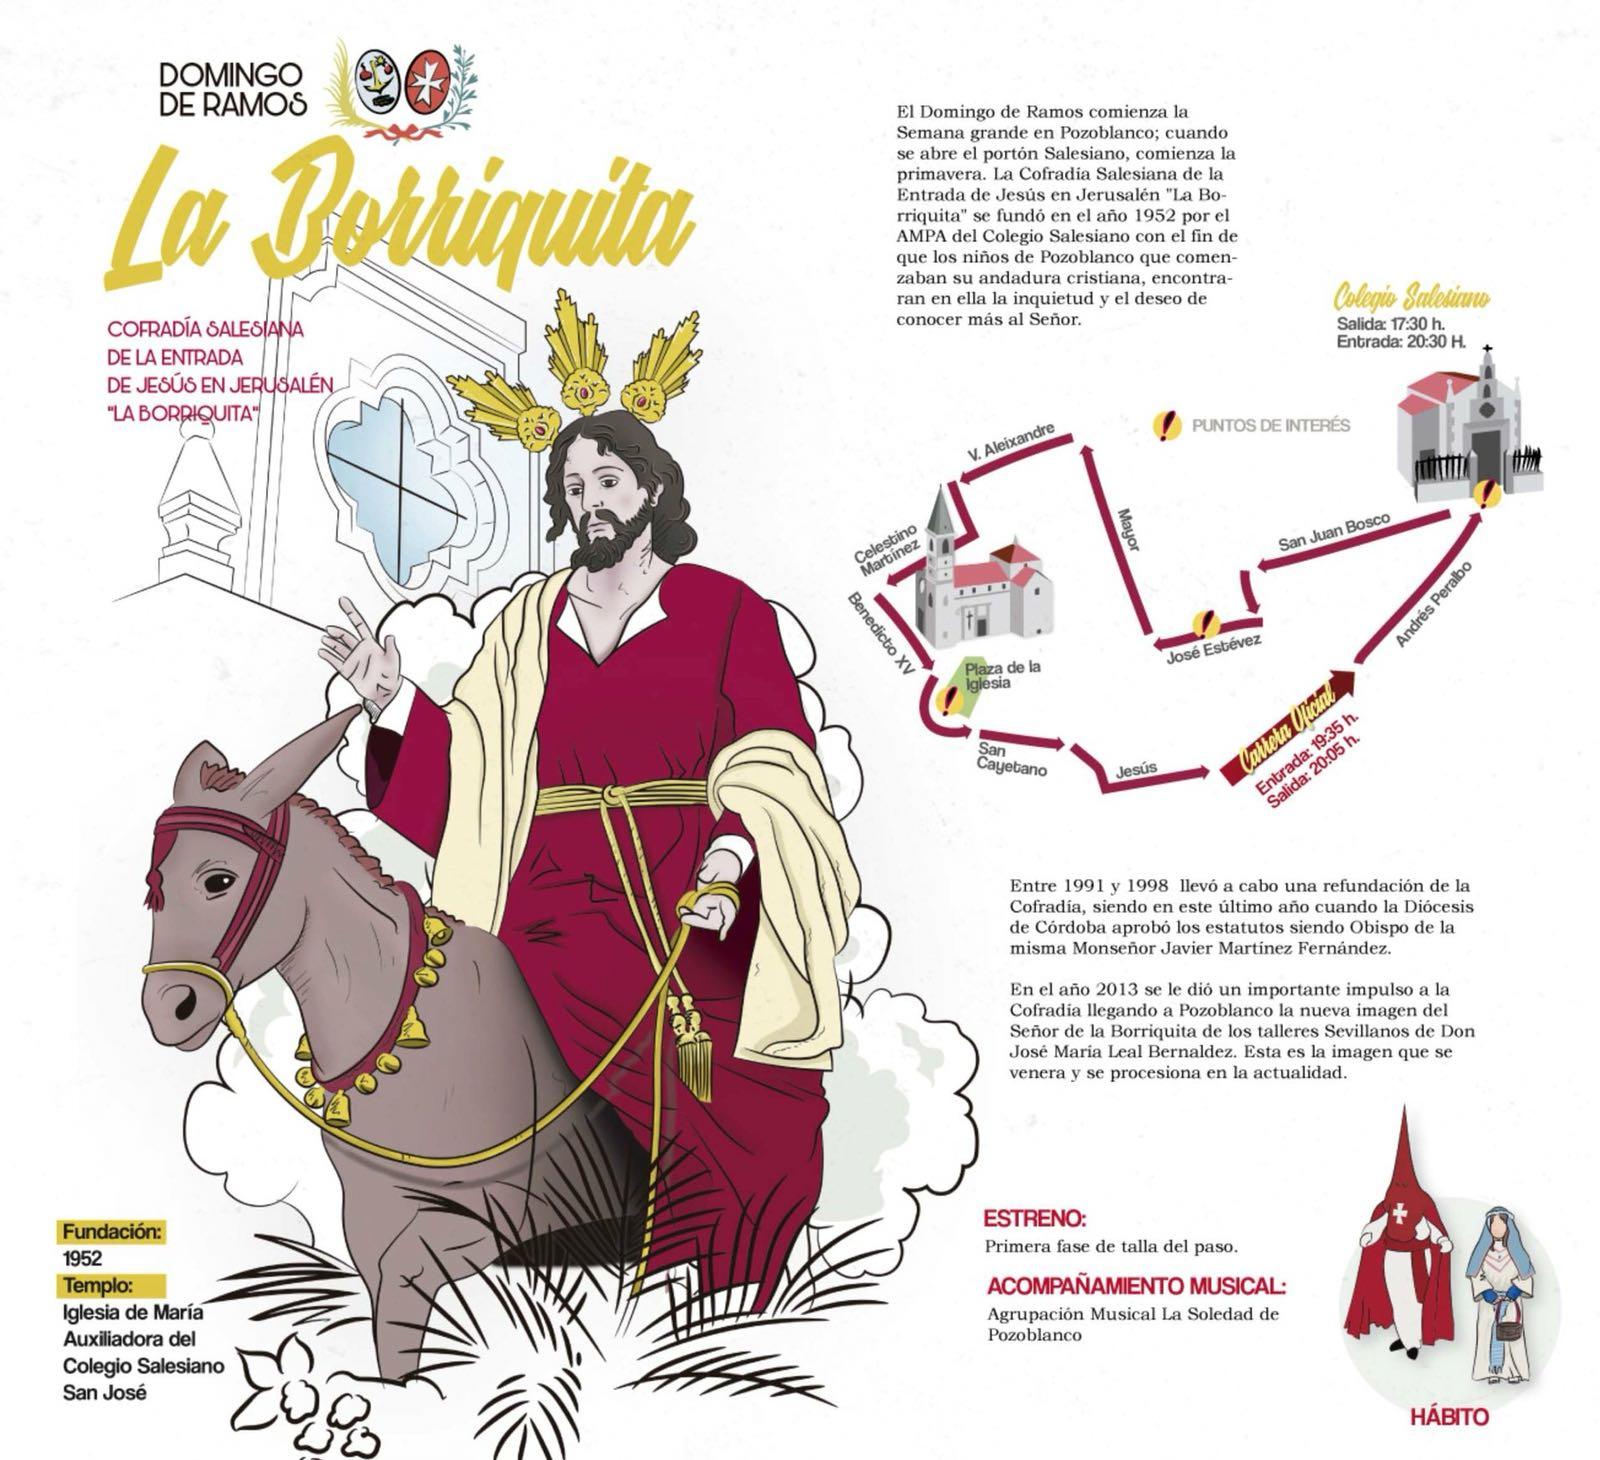 Domingo de Ramos en Pozoblanco - La Borriguita